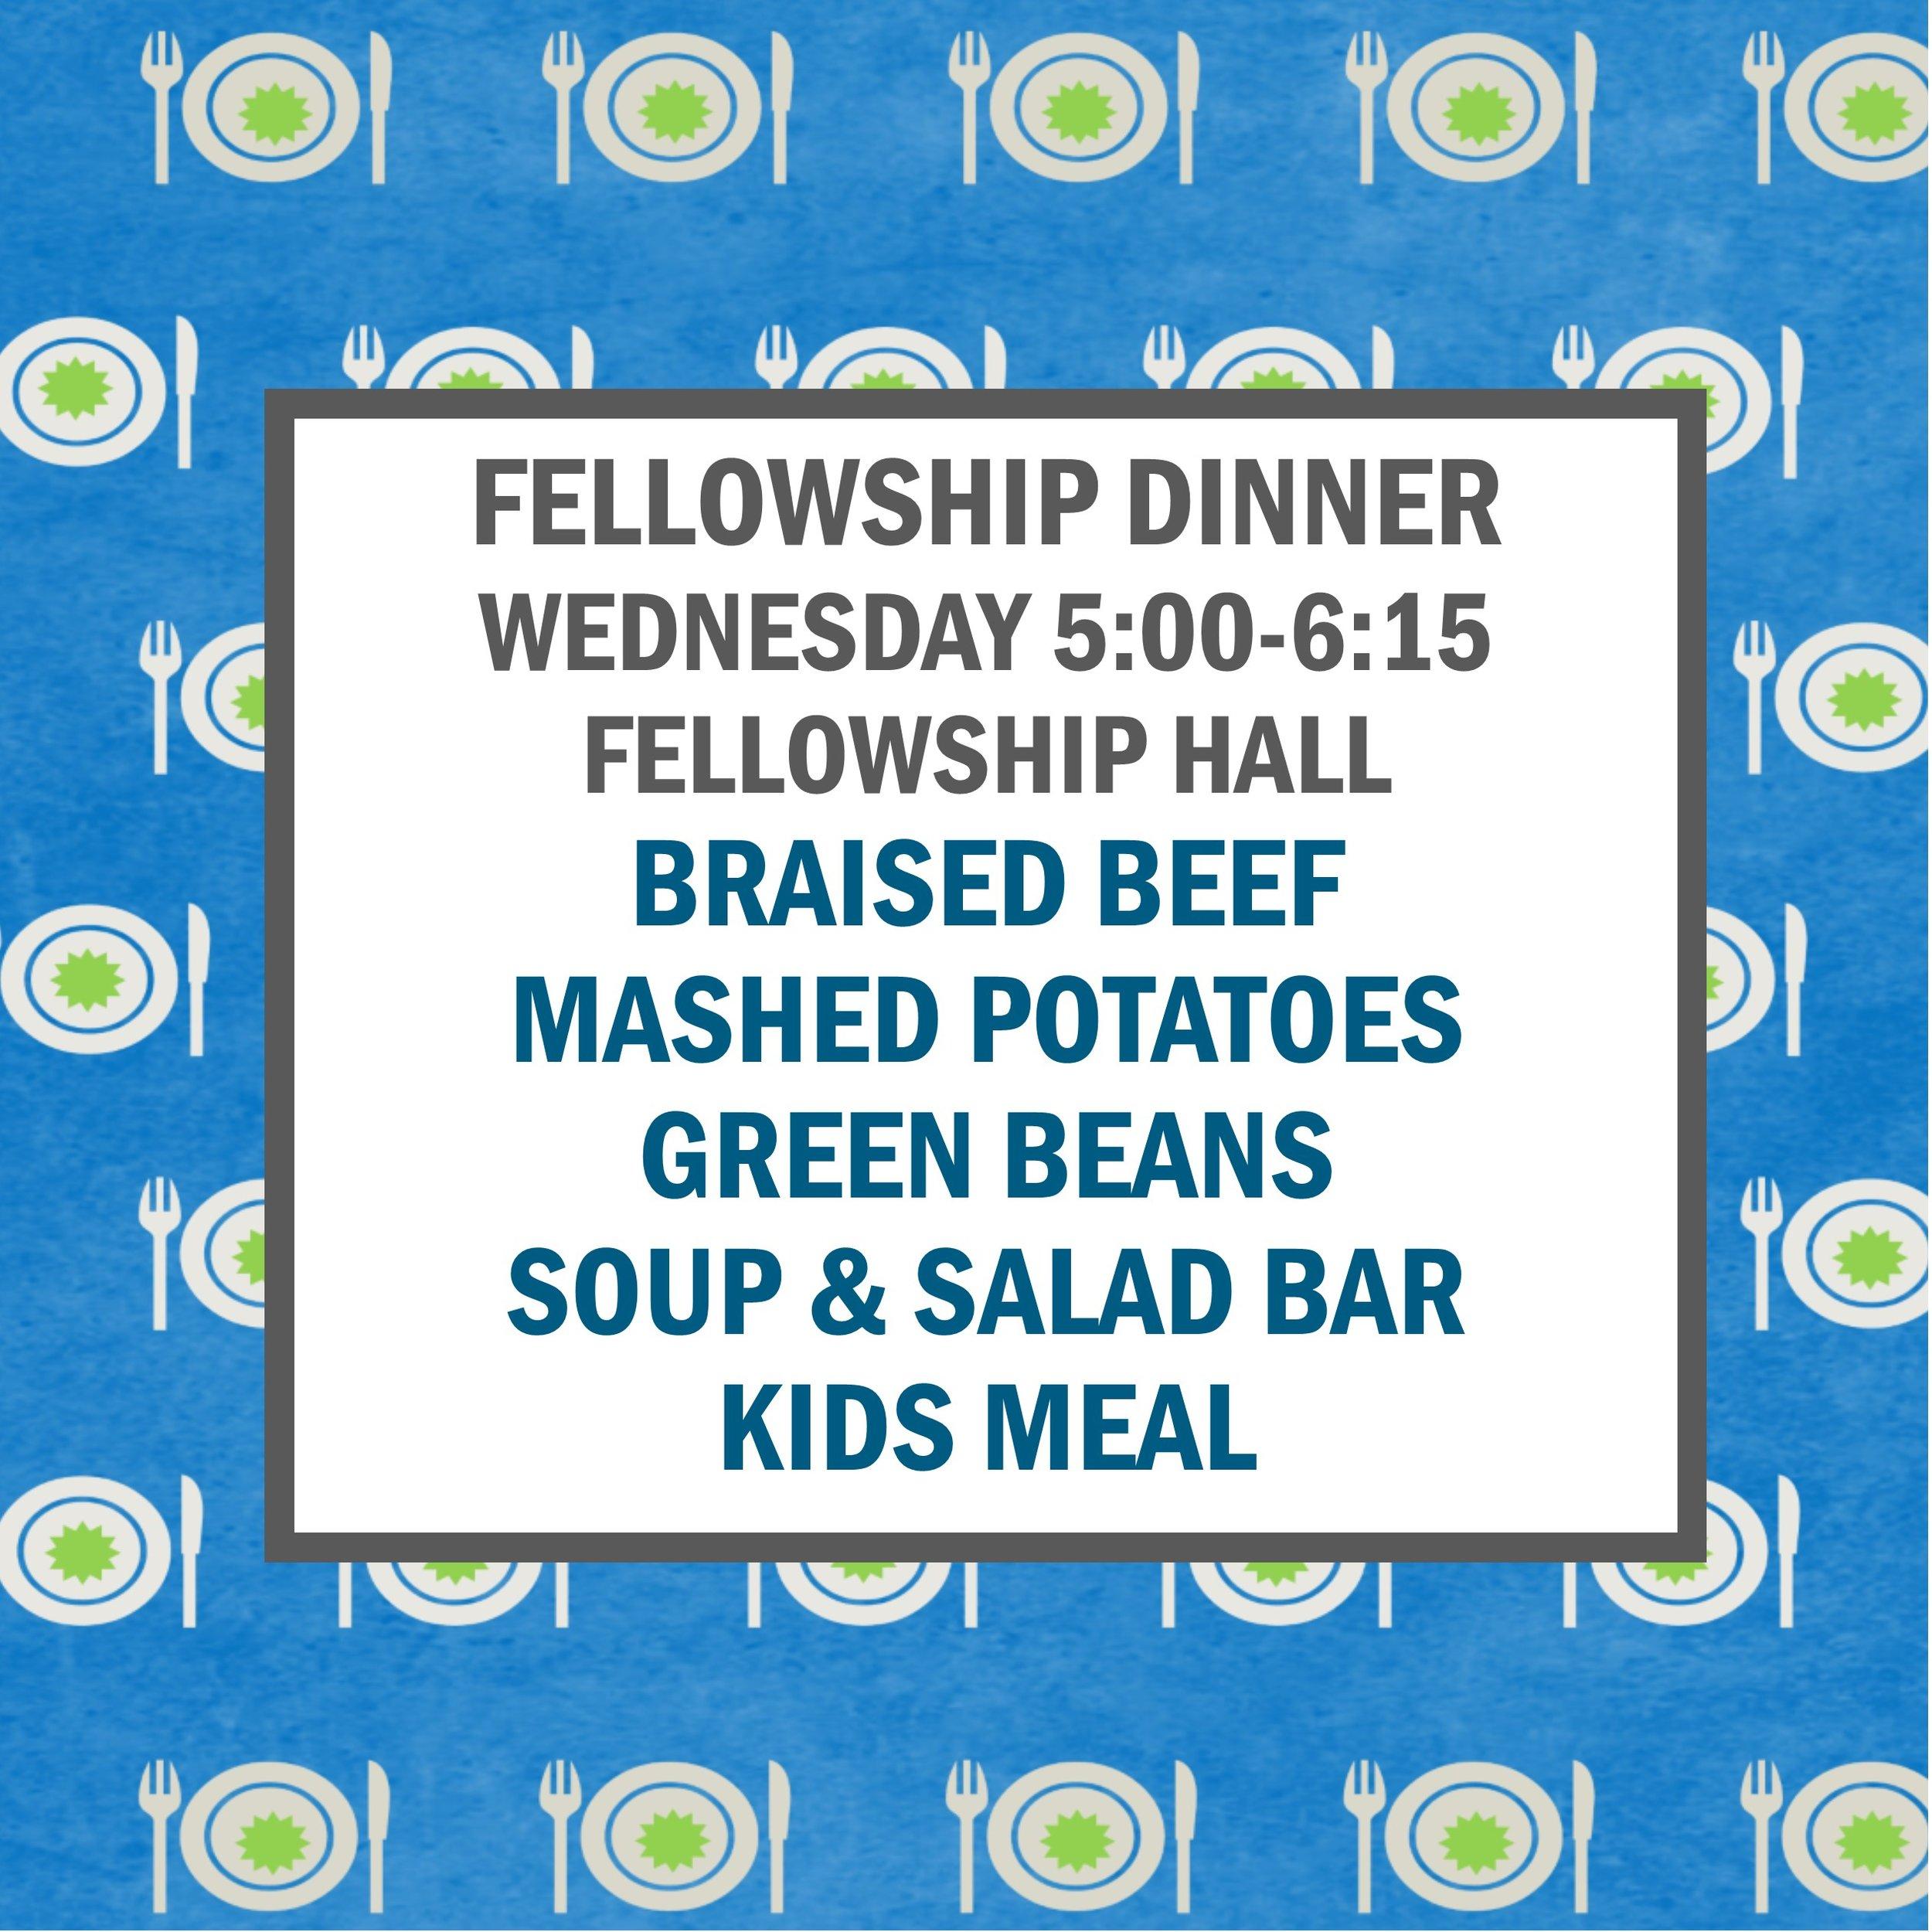 Wed Dinner and Menu 912 Insta 091118.jpg